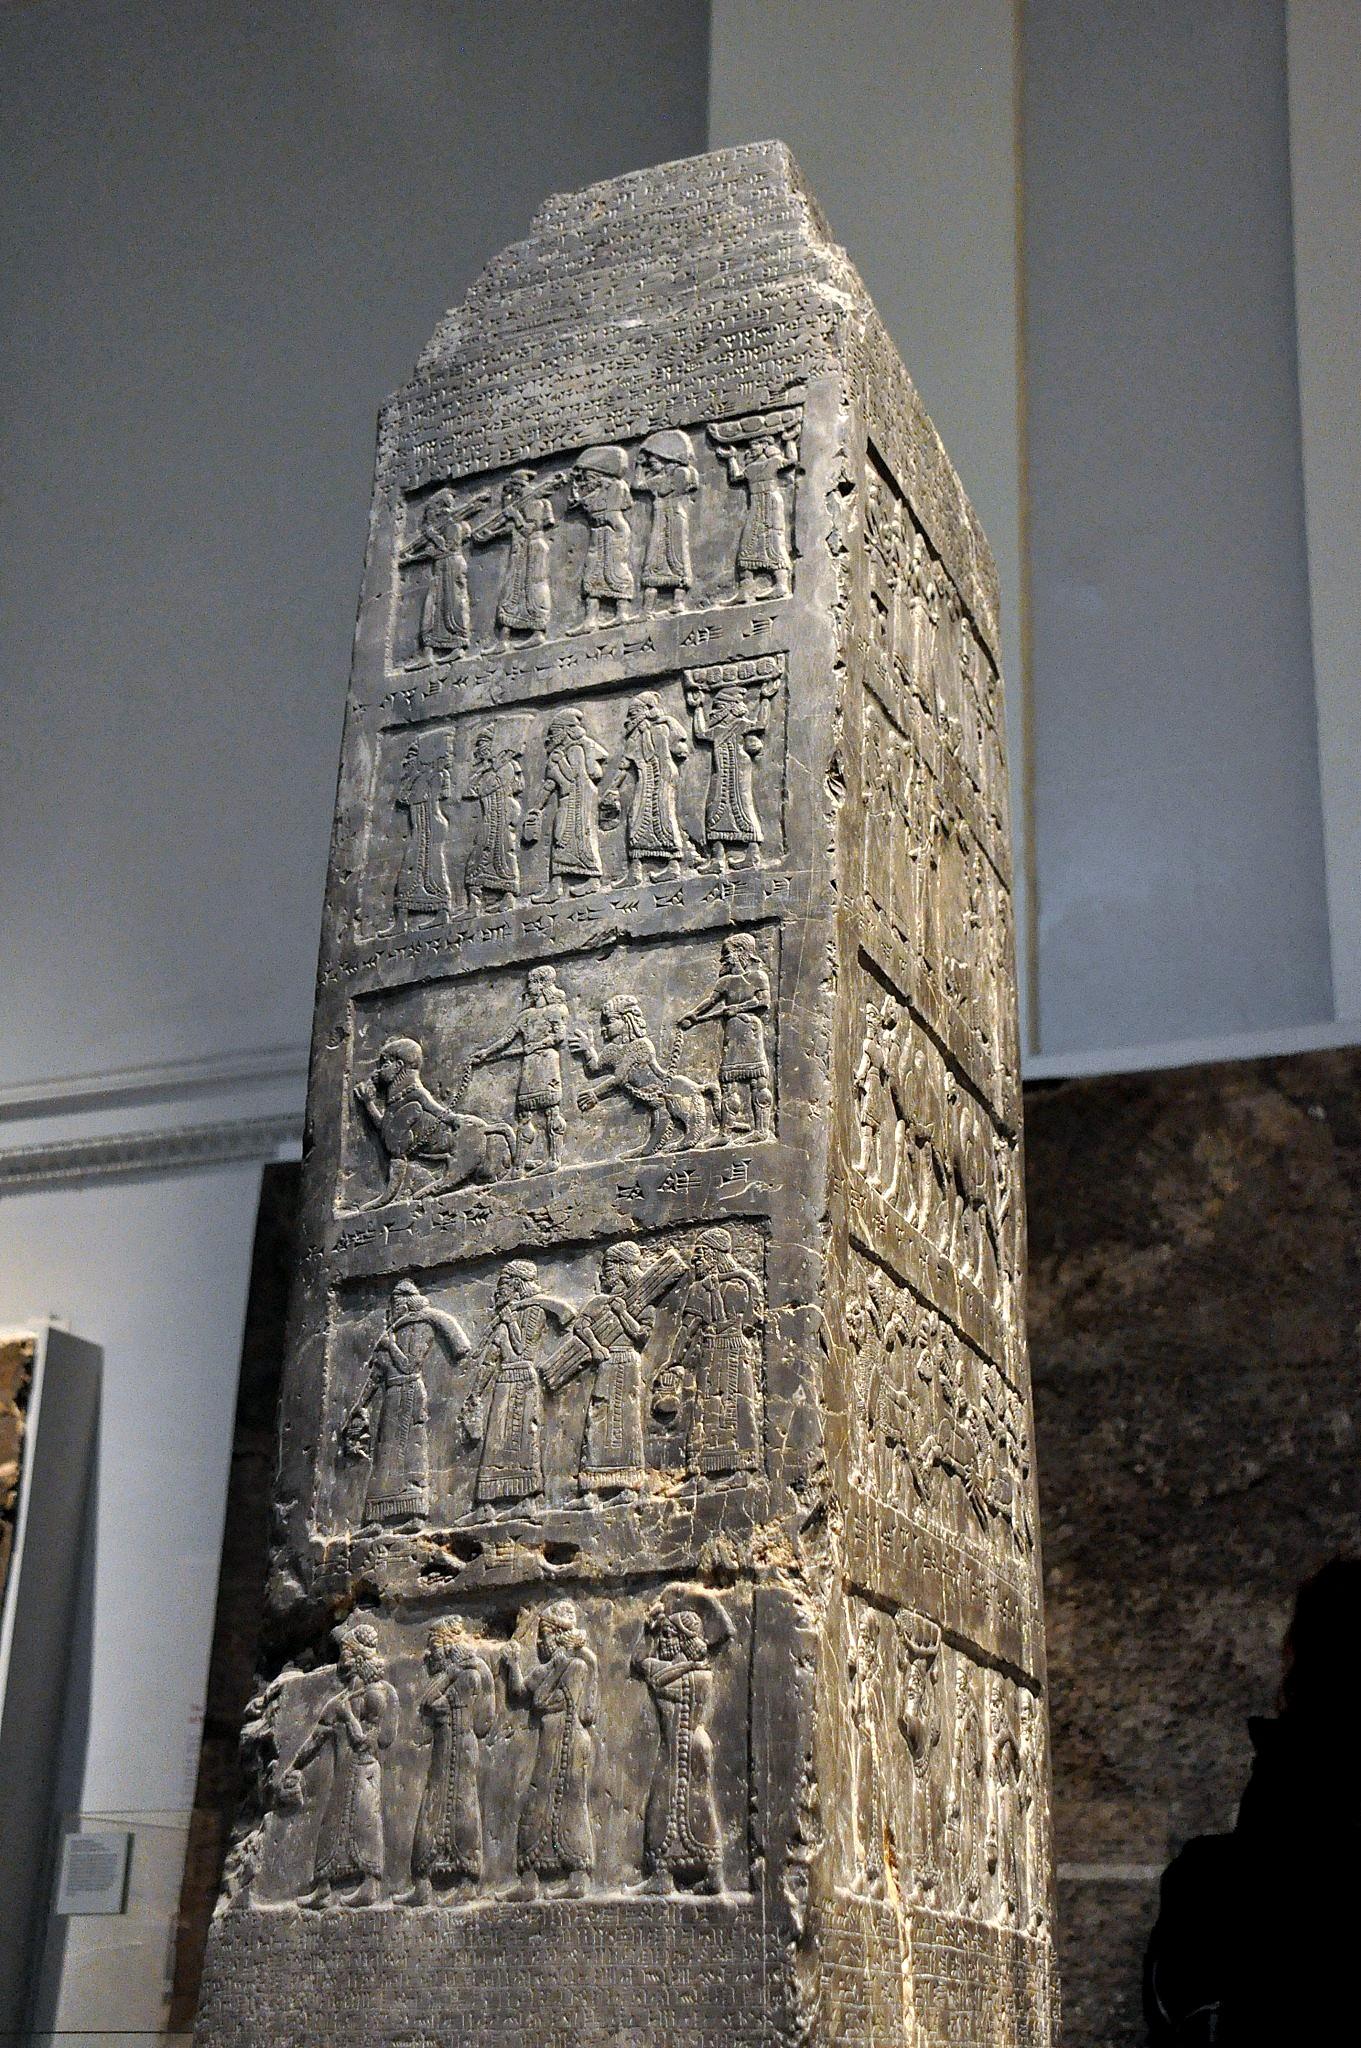 上图:主前841年左右撒缦以色三世的方尖碑(Black Obelisk of Shalmaneser III),现存于大英博物馆。这是迄今为止发现的最完整的亚述方尖碑,在一块黑色的石灰石上用浮雕和铭文记录了亚述王撒缦以色三世(Shalmaneser III,主前858-824年在位)的功绩。碑文上把以色列人称为「暗利之地的人民」。